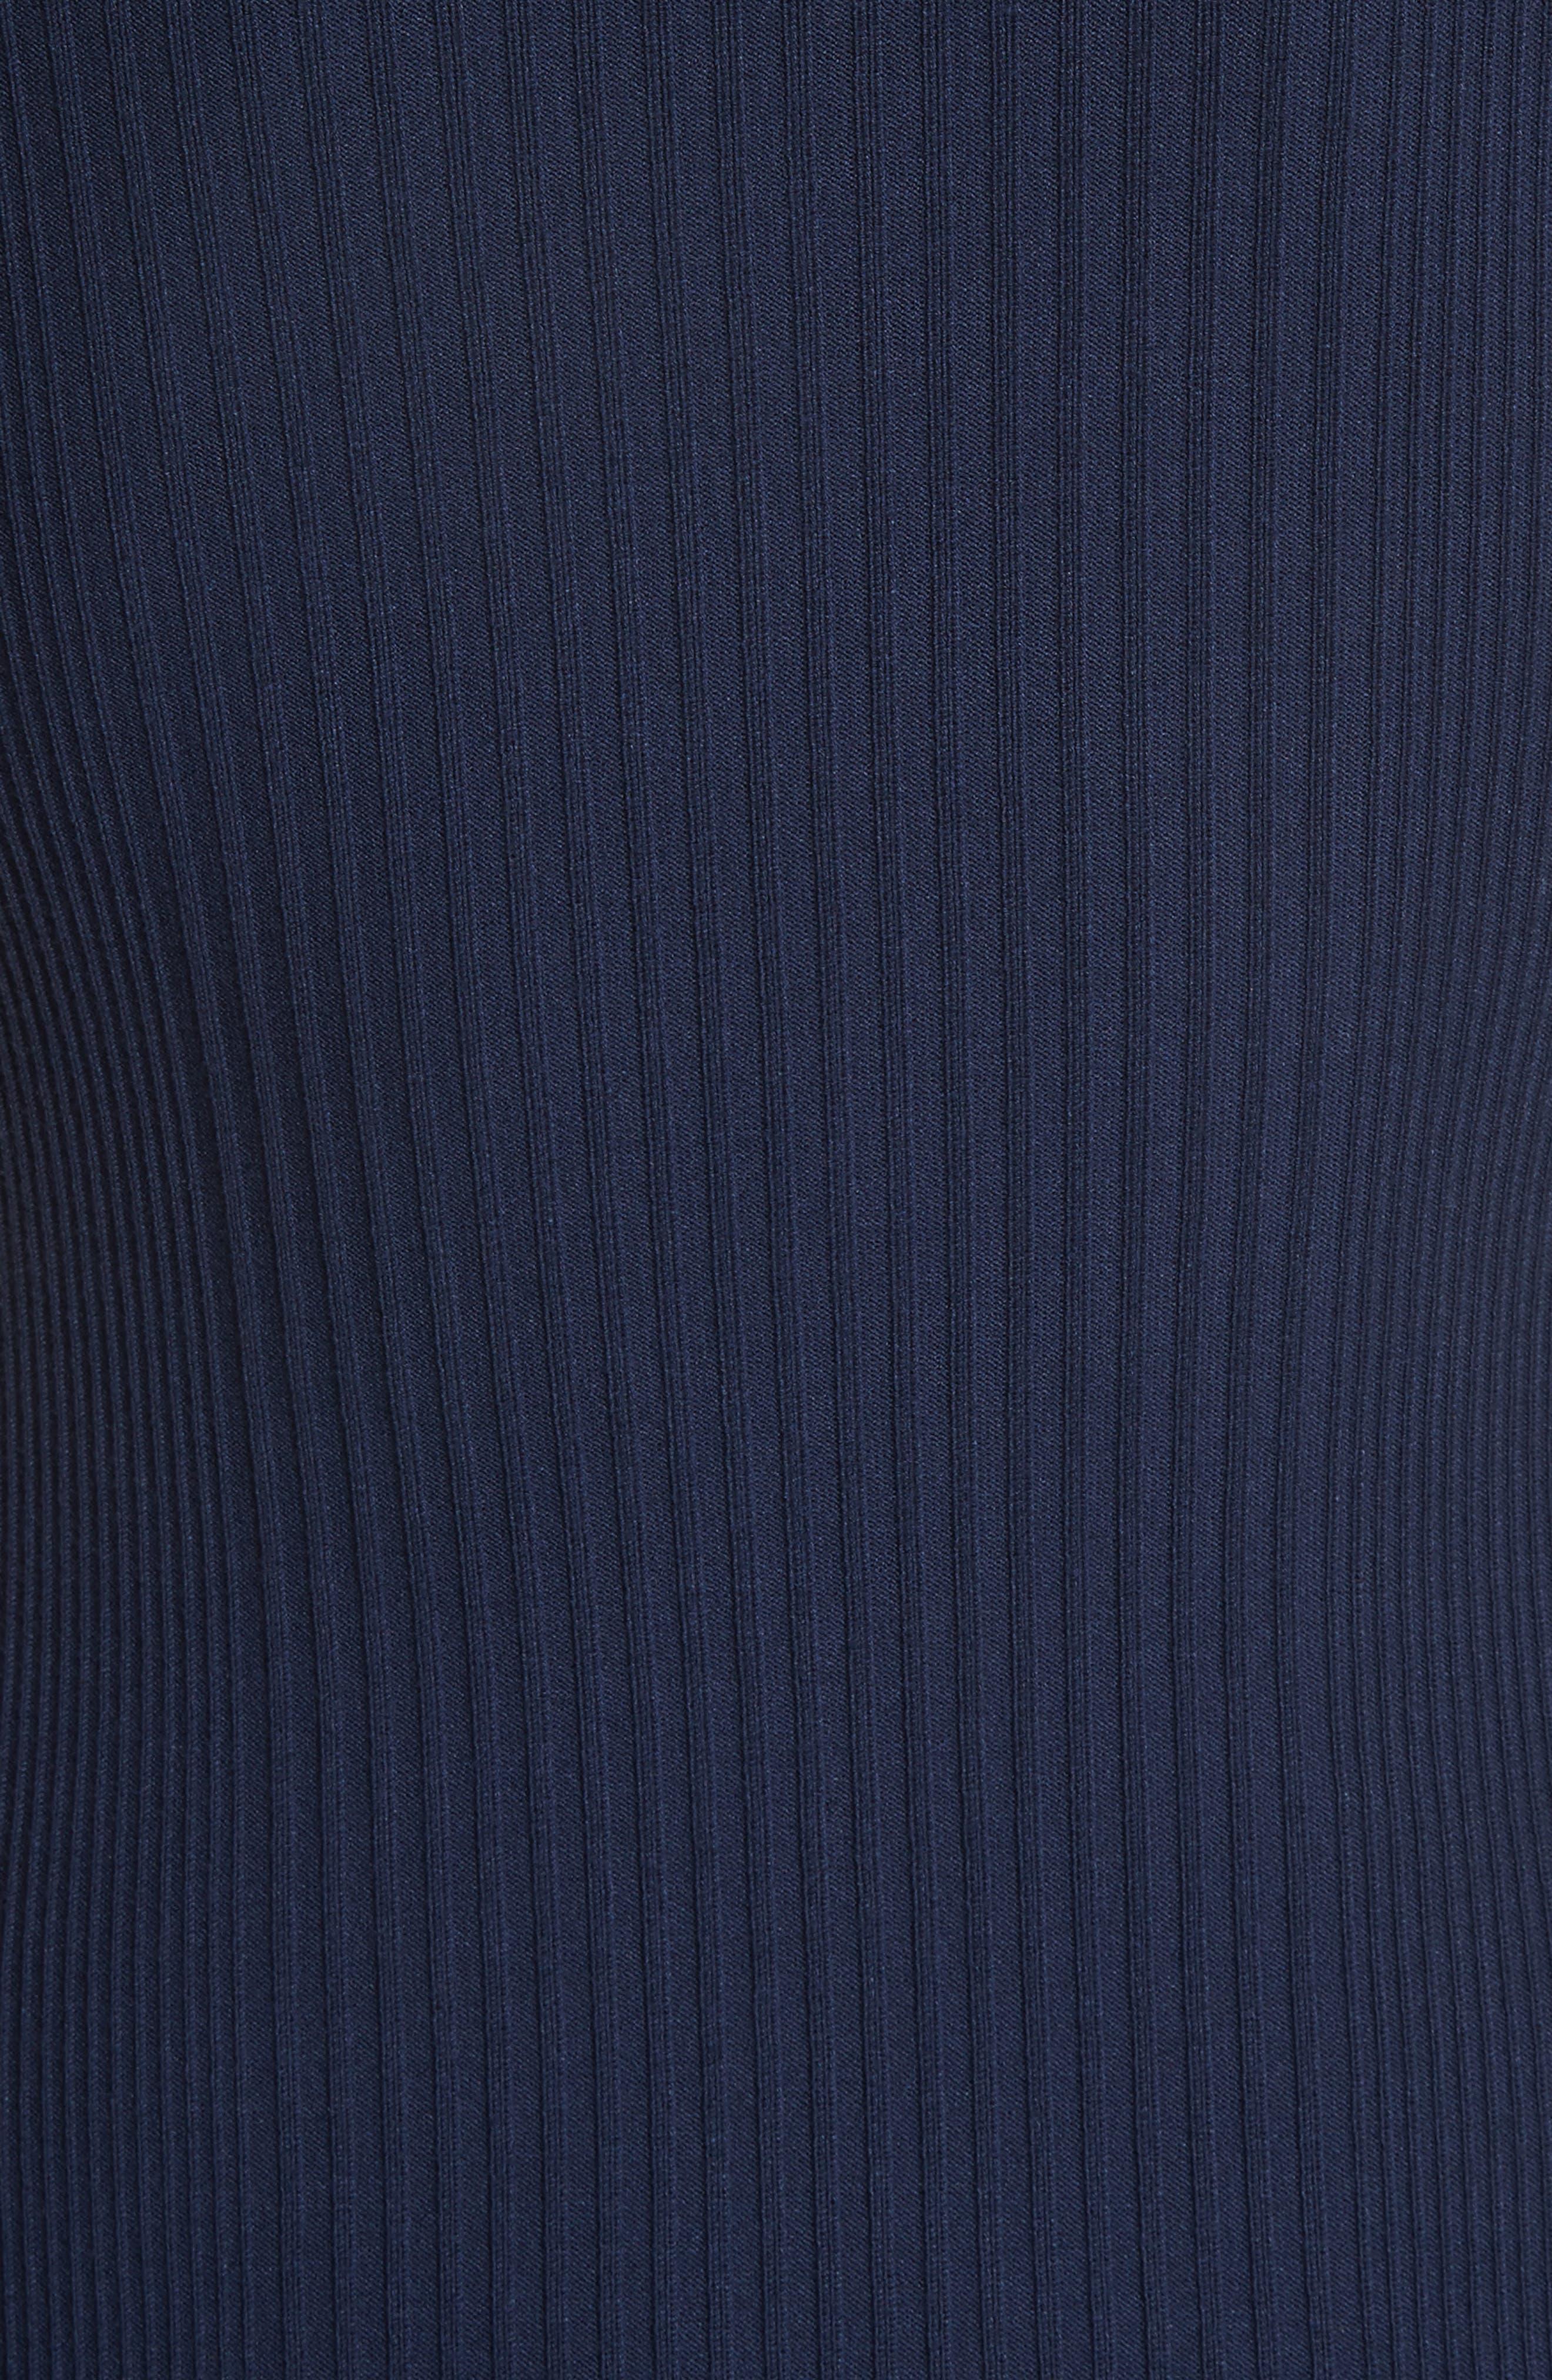 Delta Rib Knit Dress,                             Alternate thumbnail 5, color,                             401